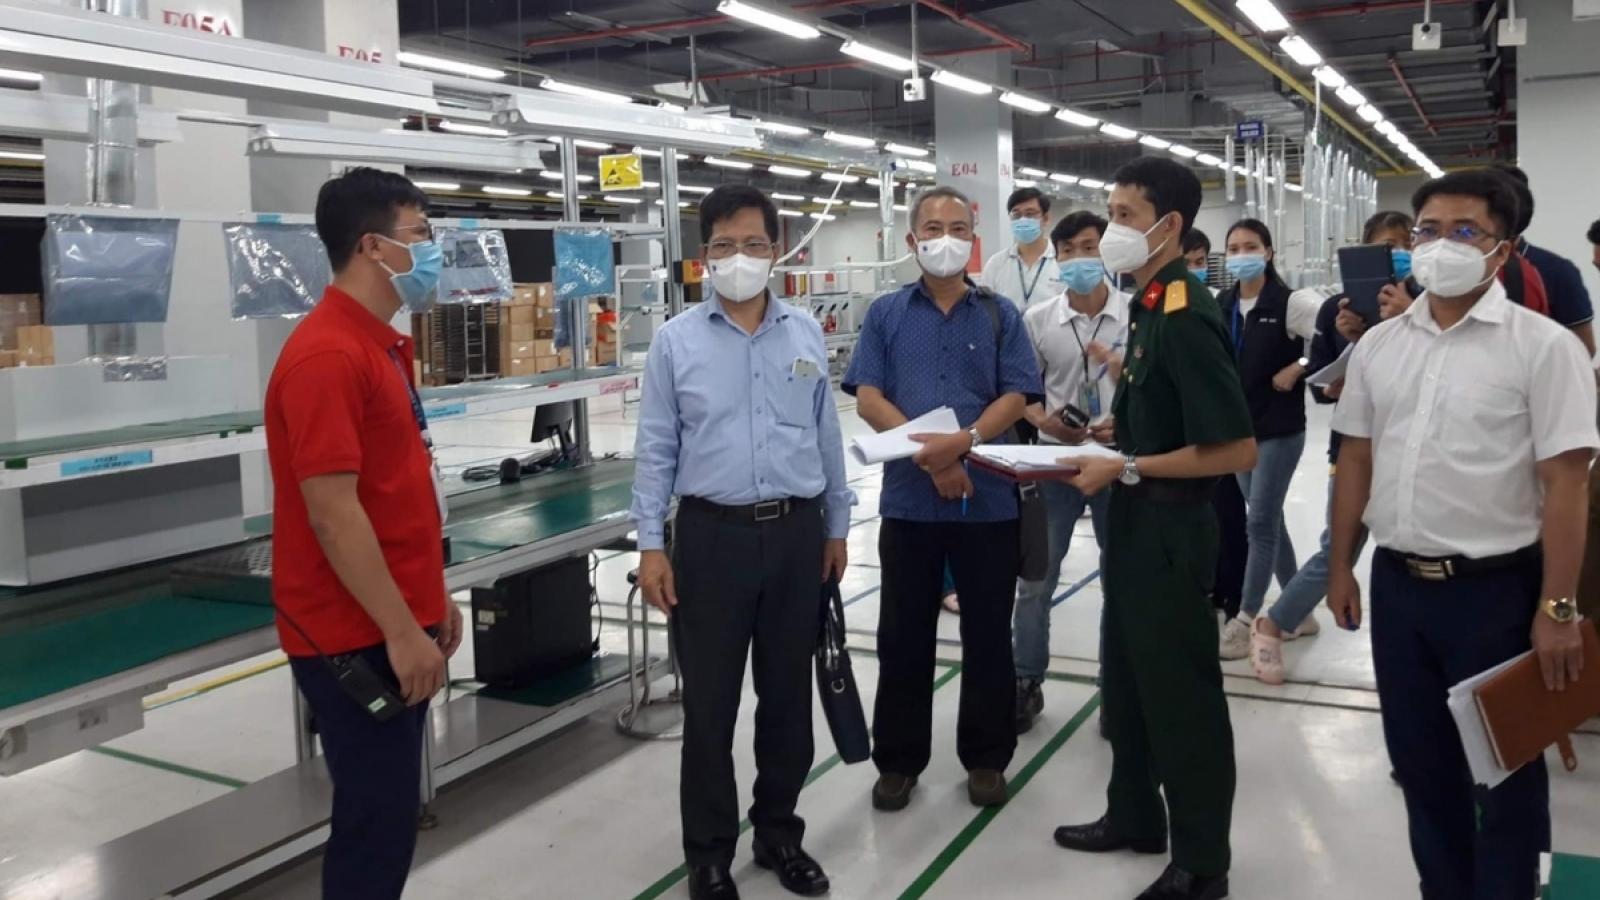 """Ngăn dịch Covid 19 trong khu công nghiệp: Công nhân phải """"3 cùng"""""""